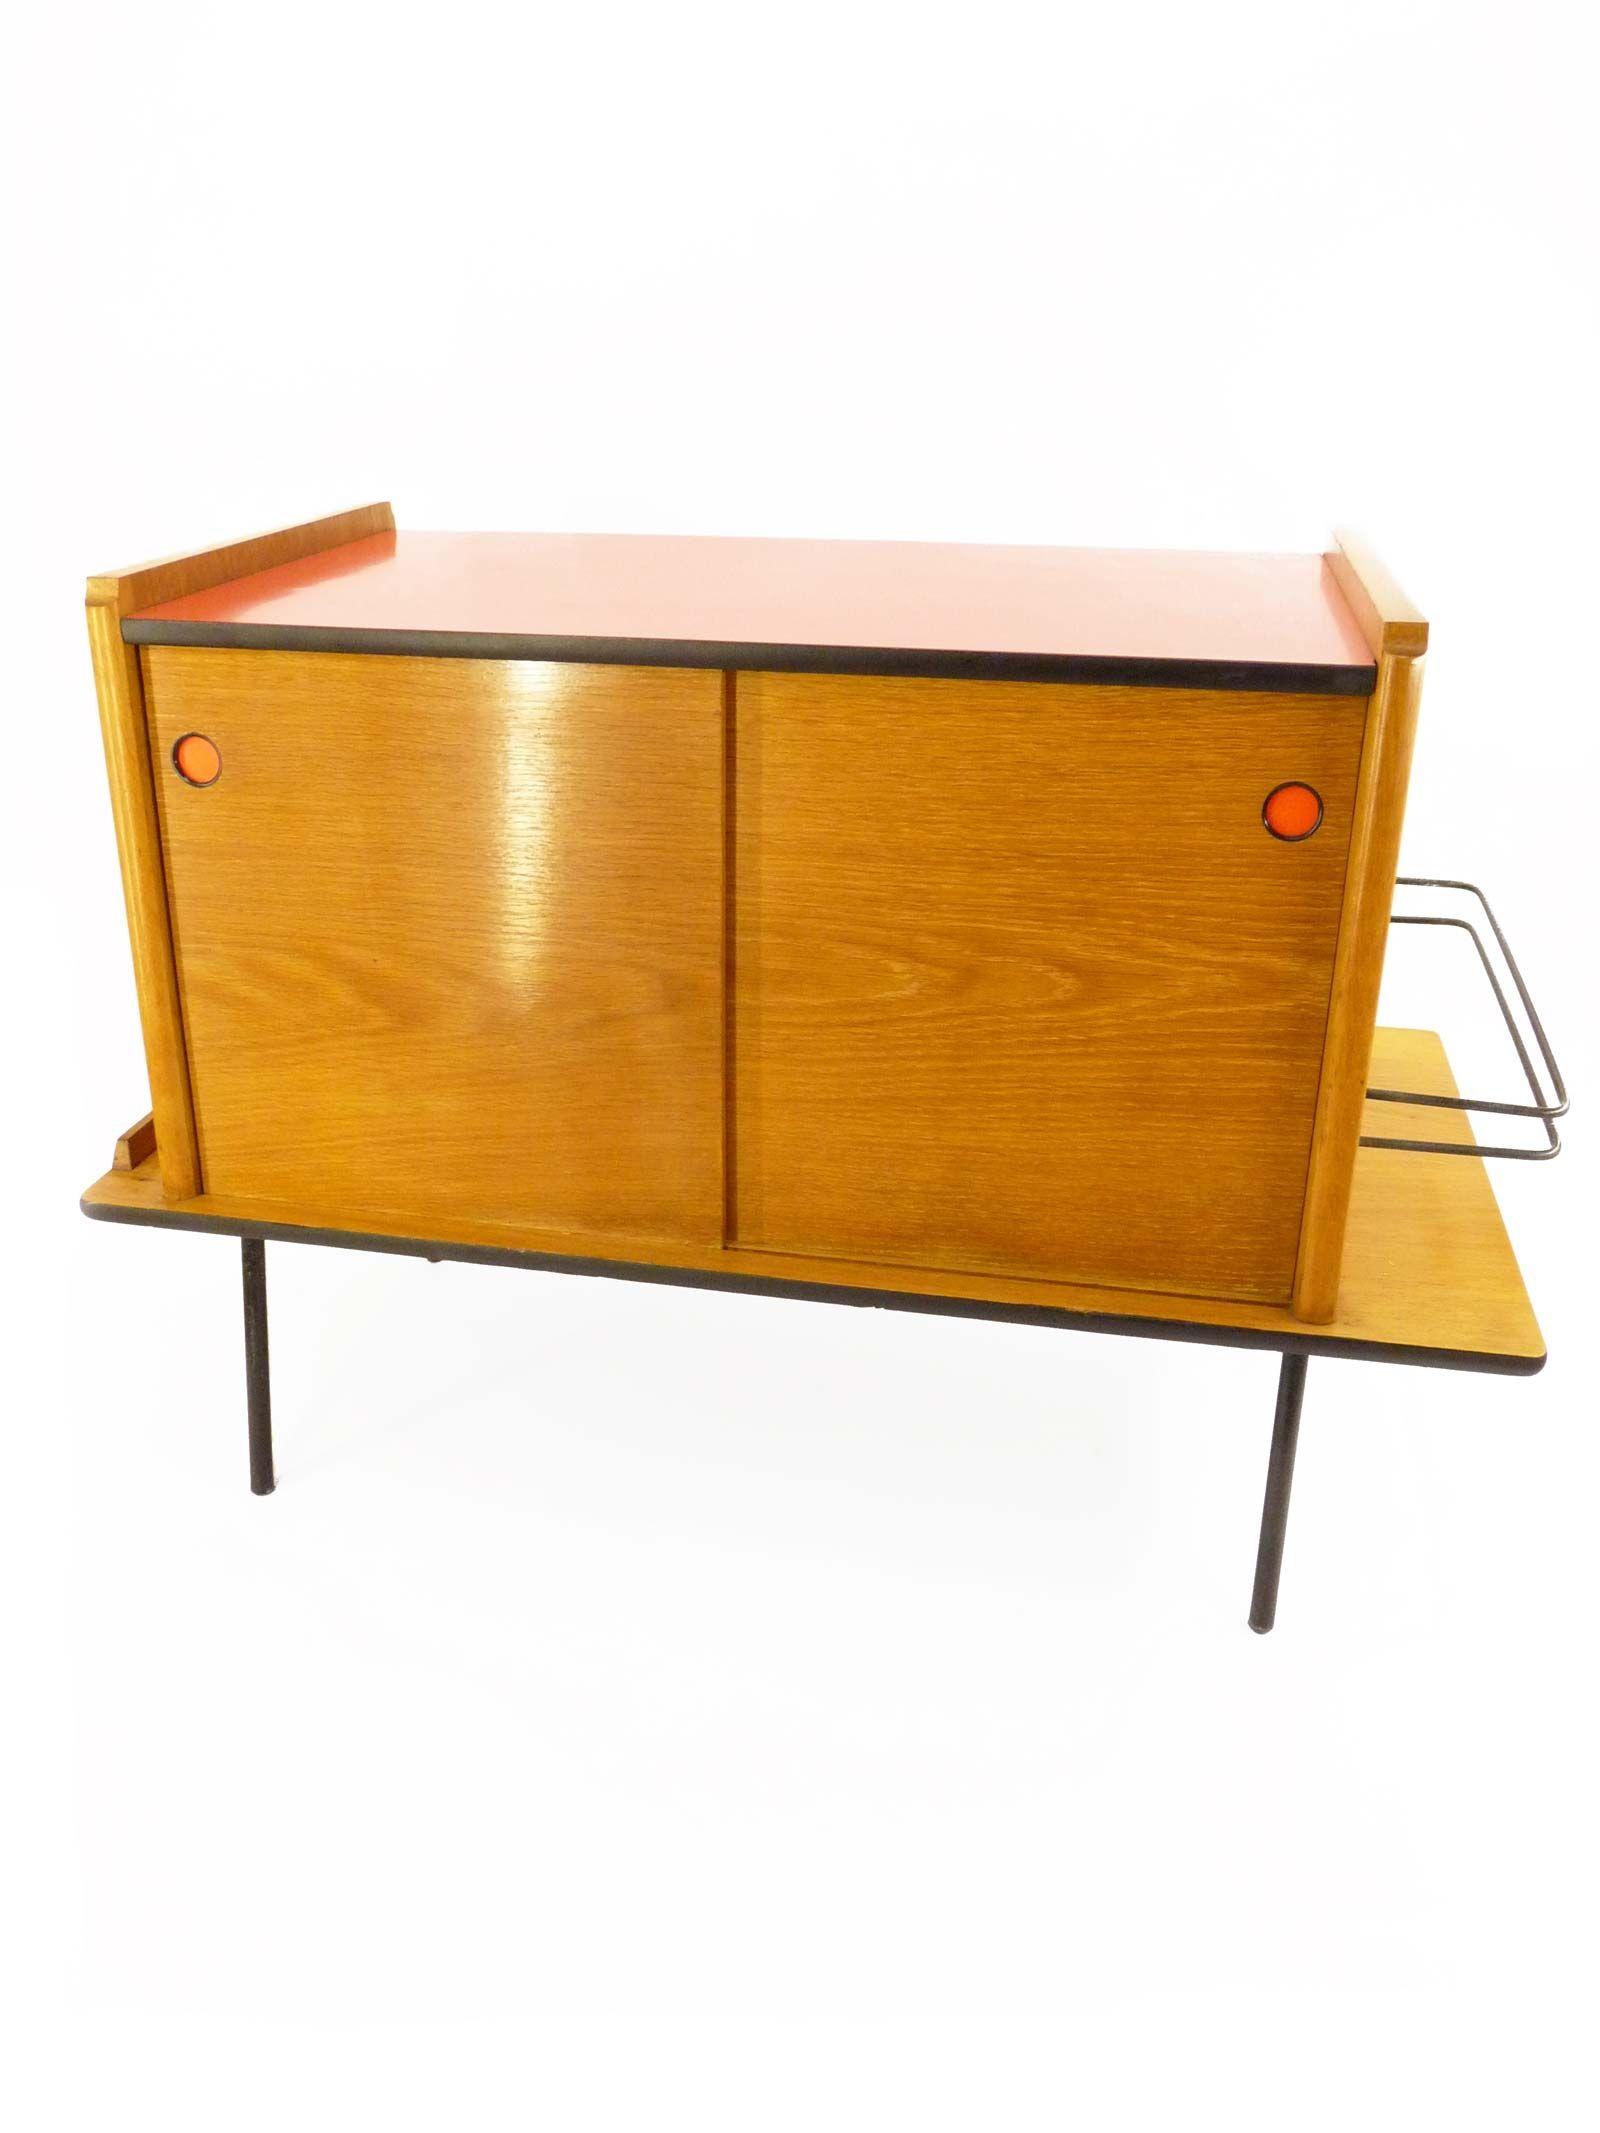 Petit meuble ann es 50 meubles selon les poques pinterest meuble annee 50 petit meuble - Meuble tv annee 50 ...